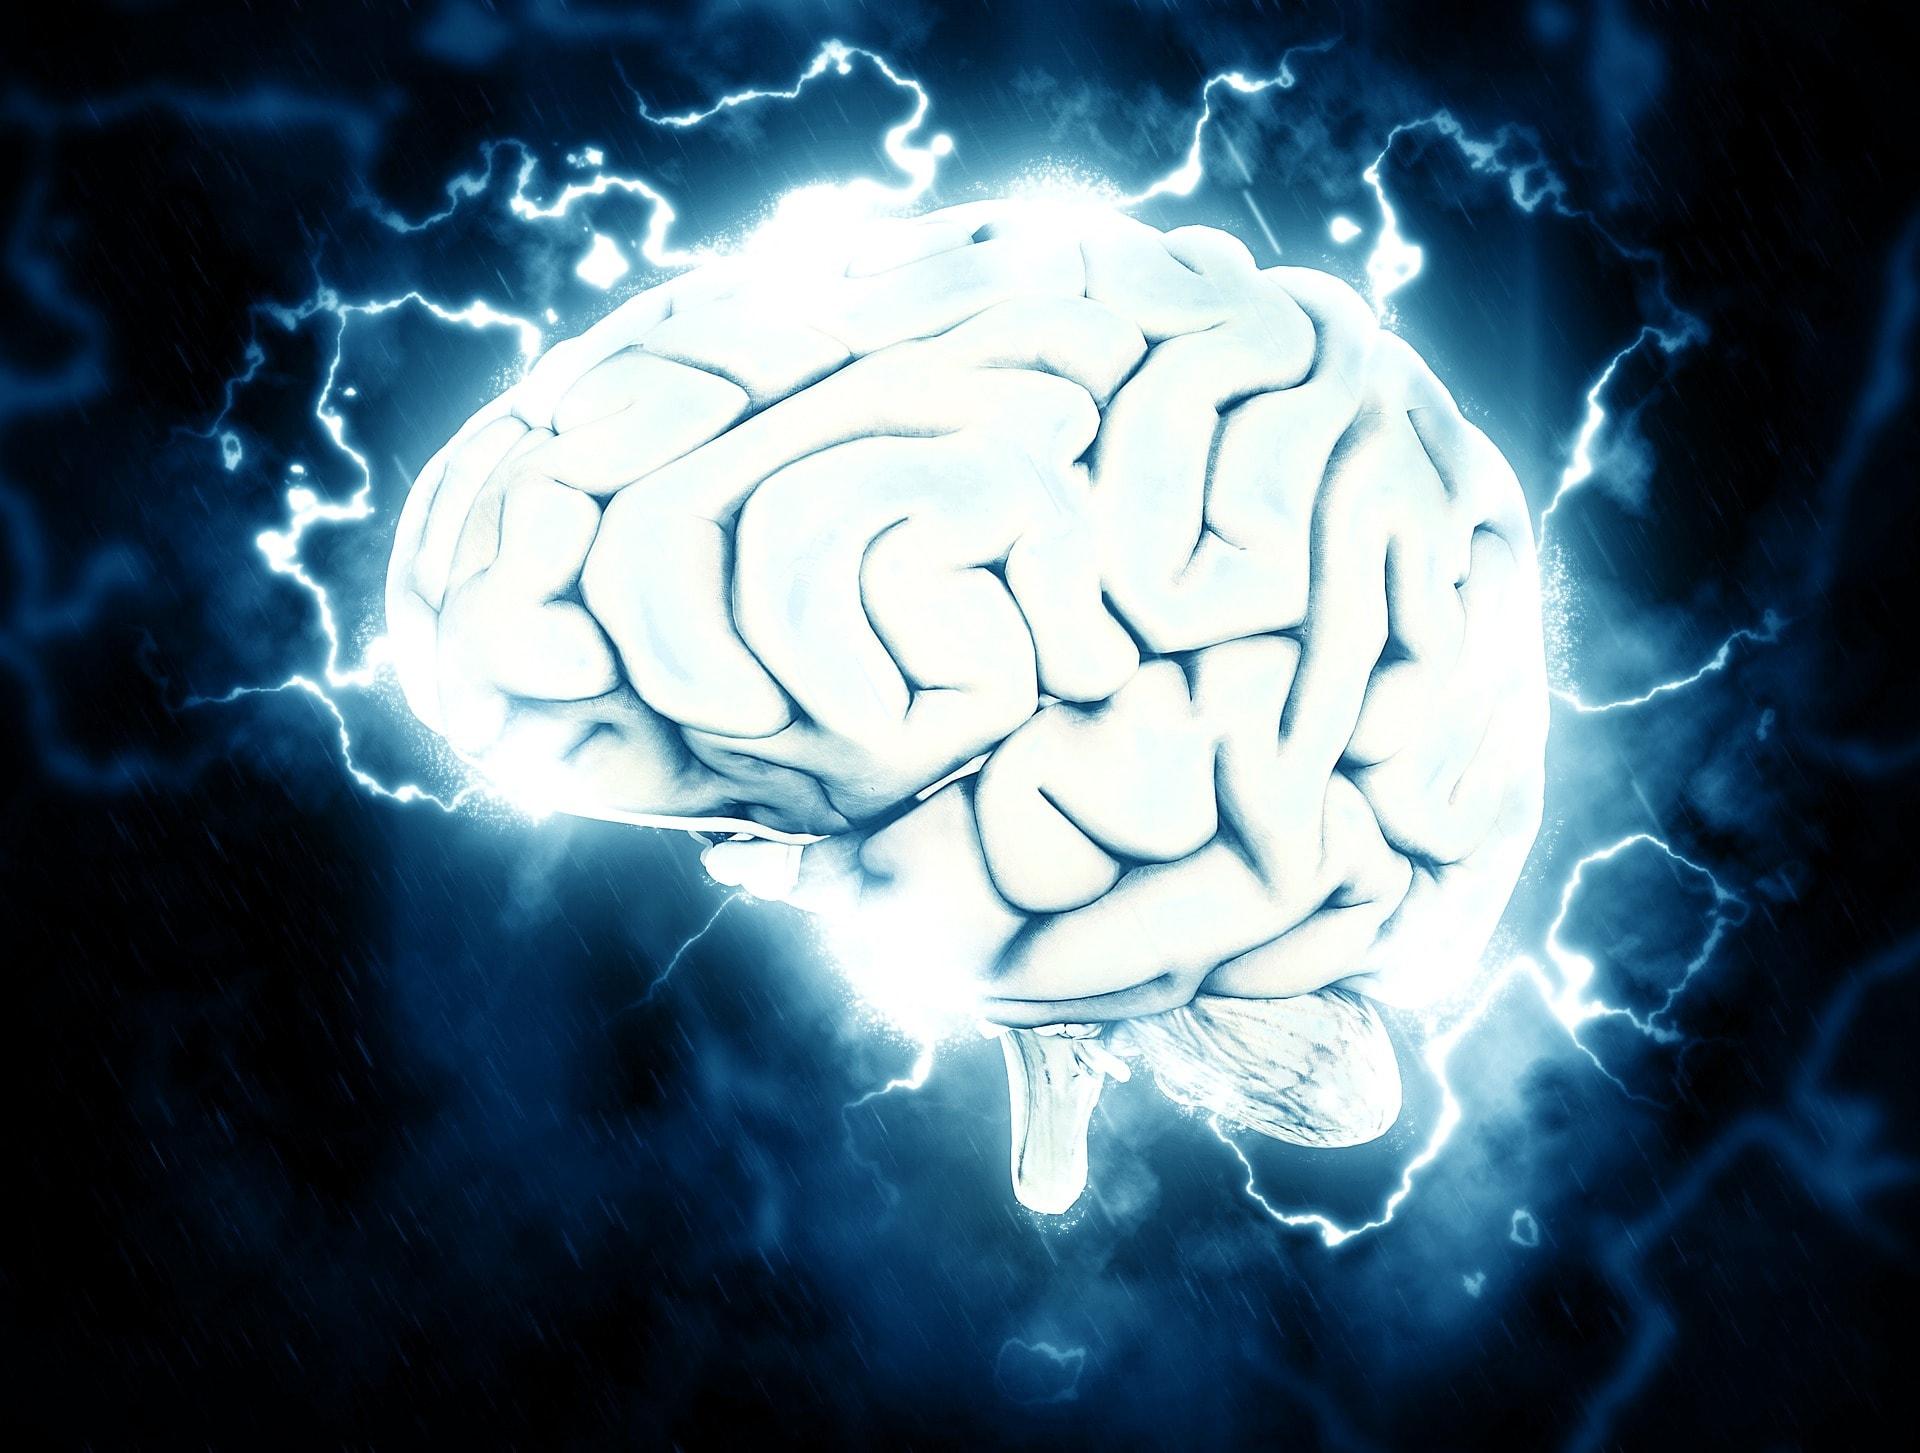 音によって脳が刺激を受けているイメージ写真